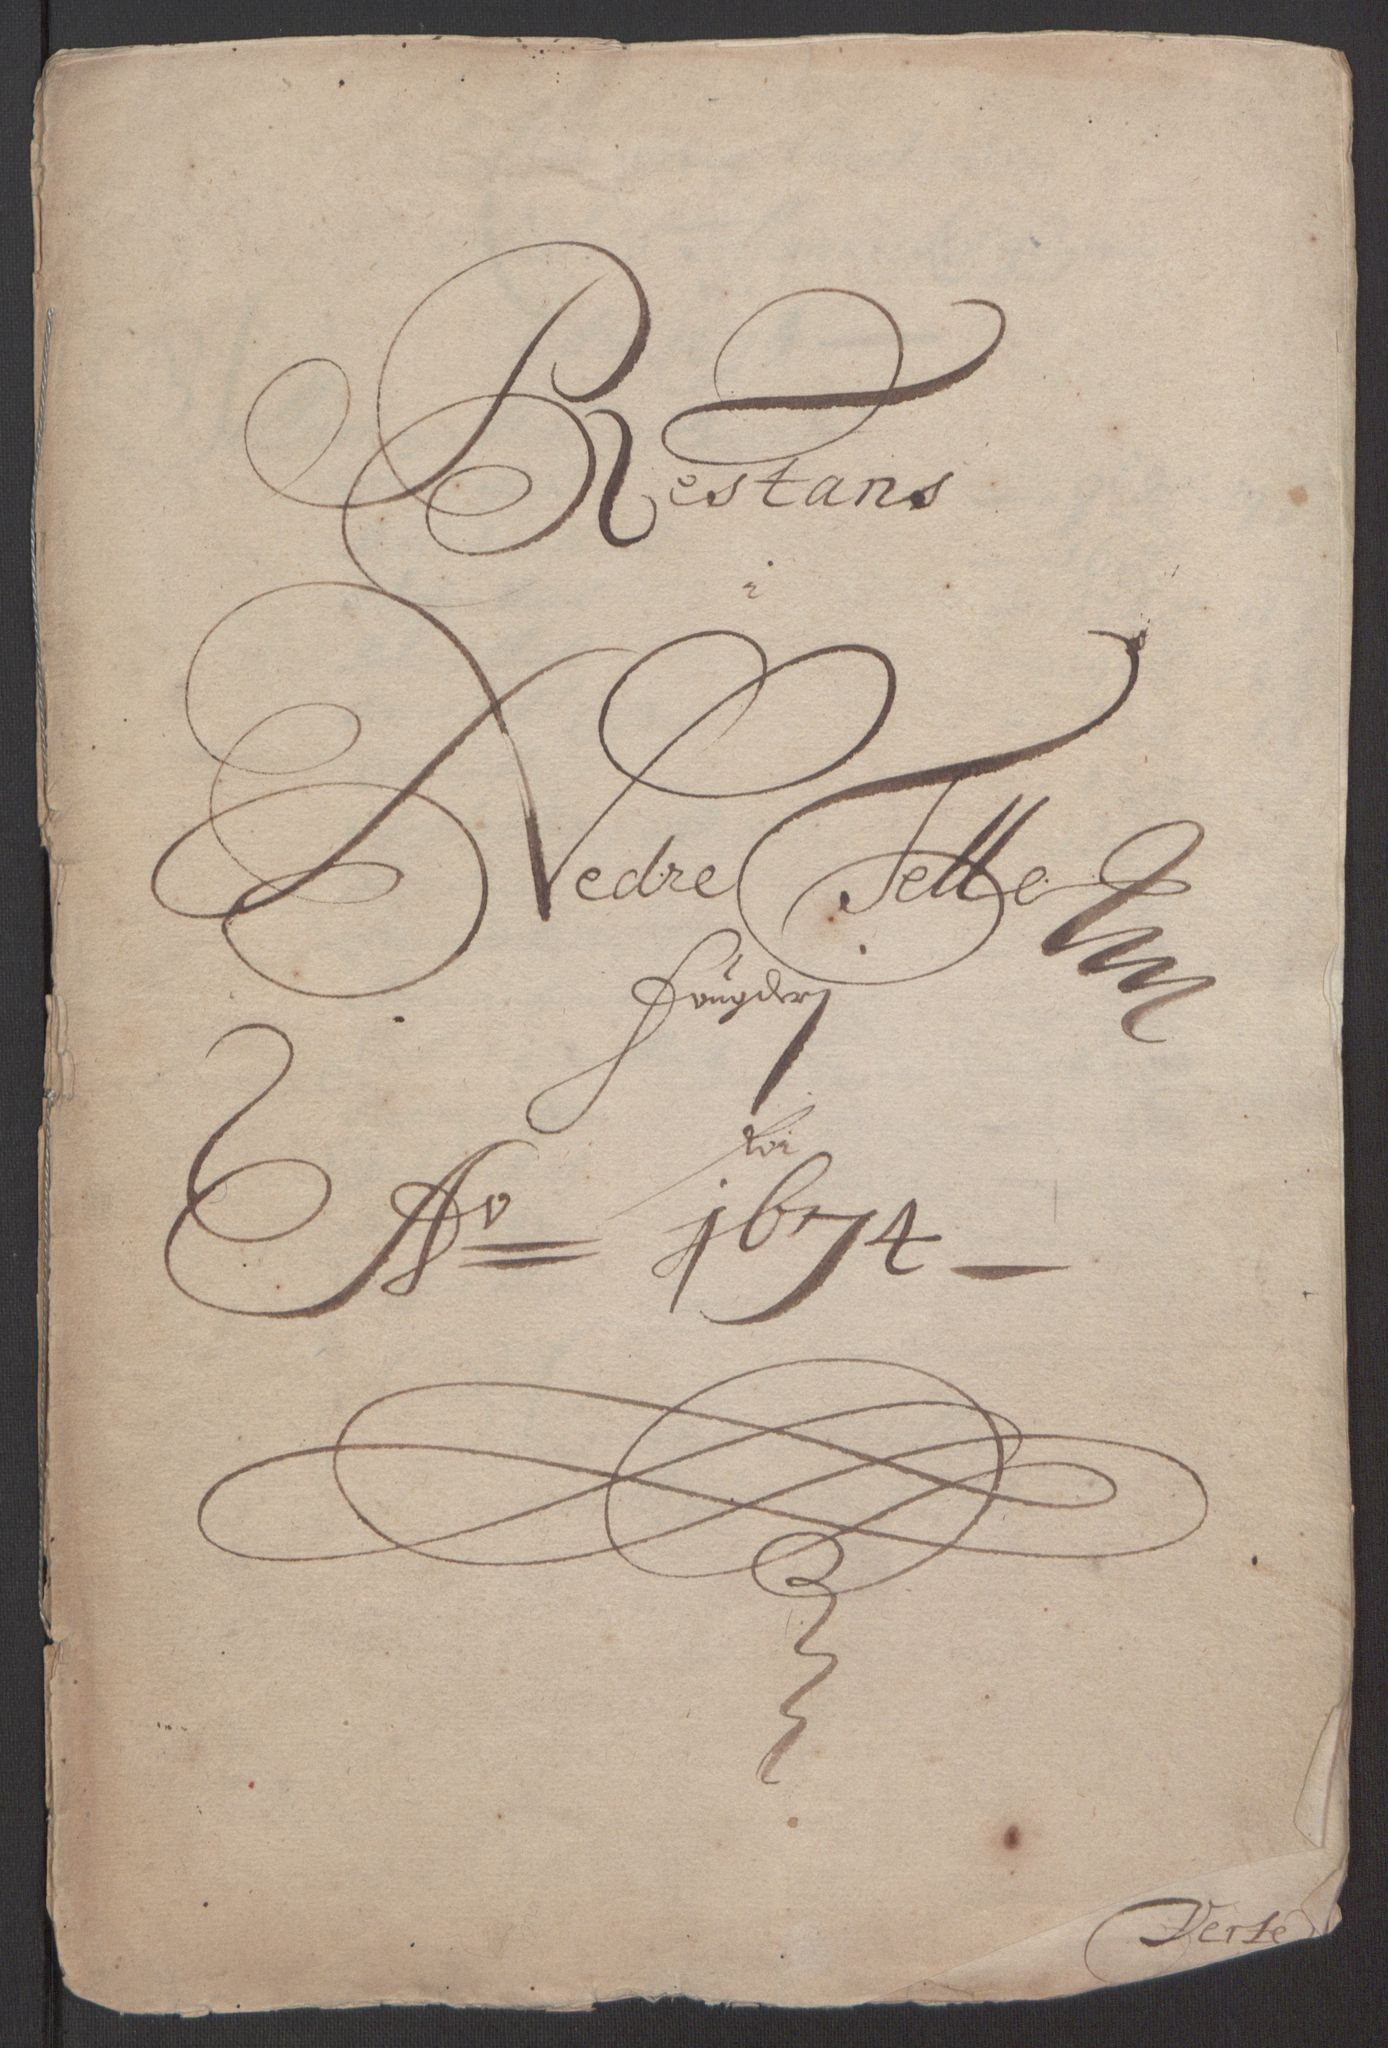 RA, Rentekammeret inntil 1814, Reviderte regnskaper, Fogderegnskap, R35/L2061: Fogderegnskap Øvre og Nedre Telemark, 1673-1674, s. 200